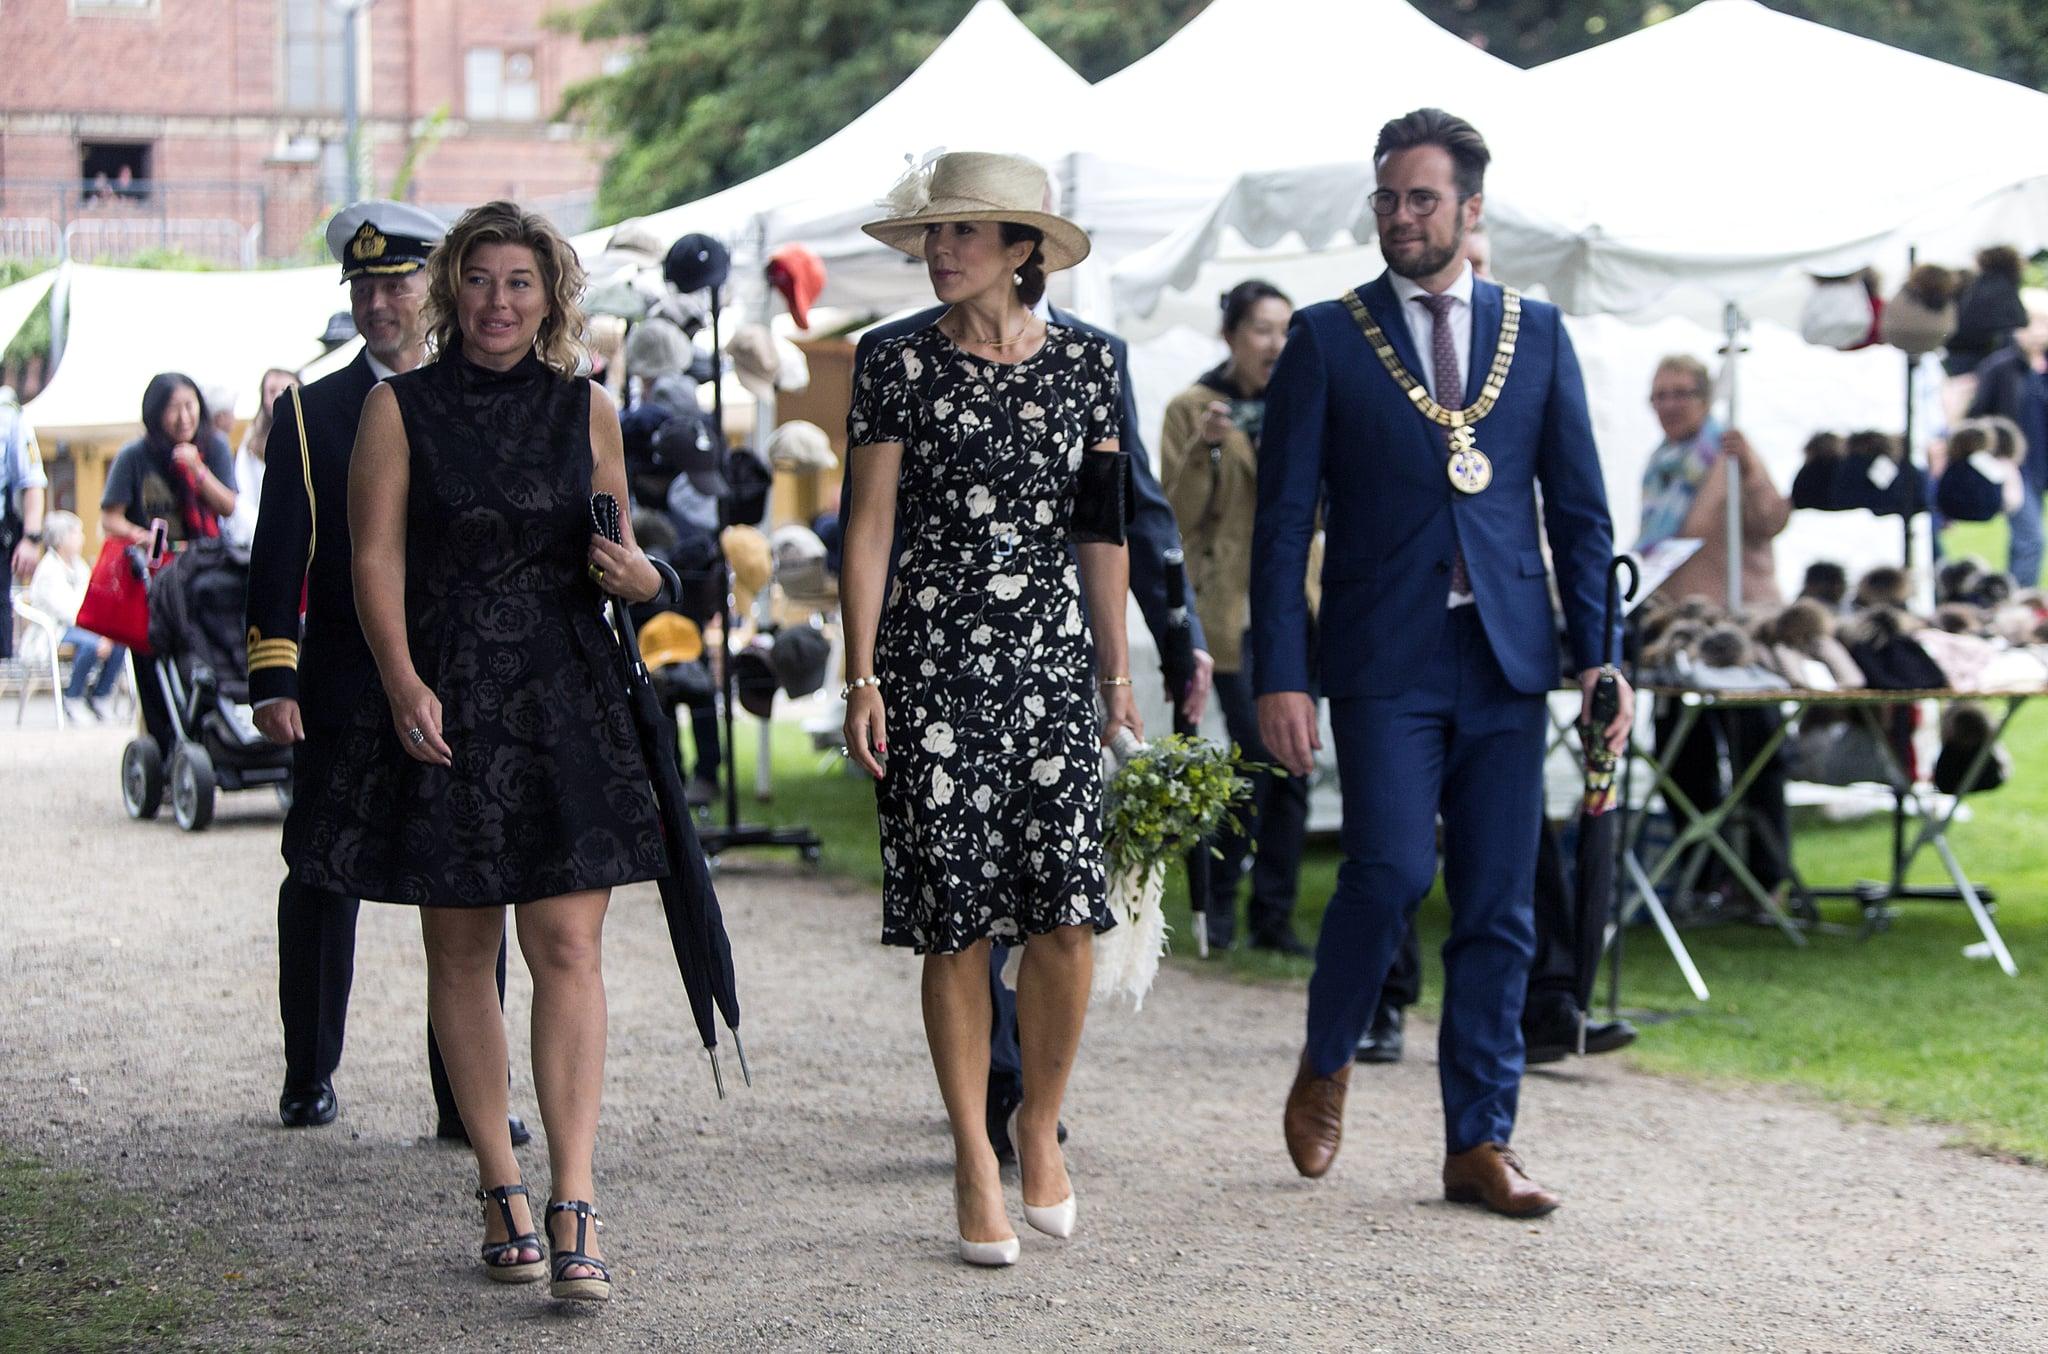 Princess-Mary-Wearing-Hat-Ralph-Lauren-Dress.jpg